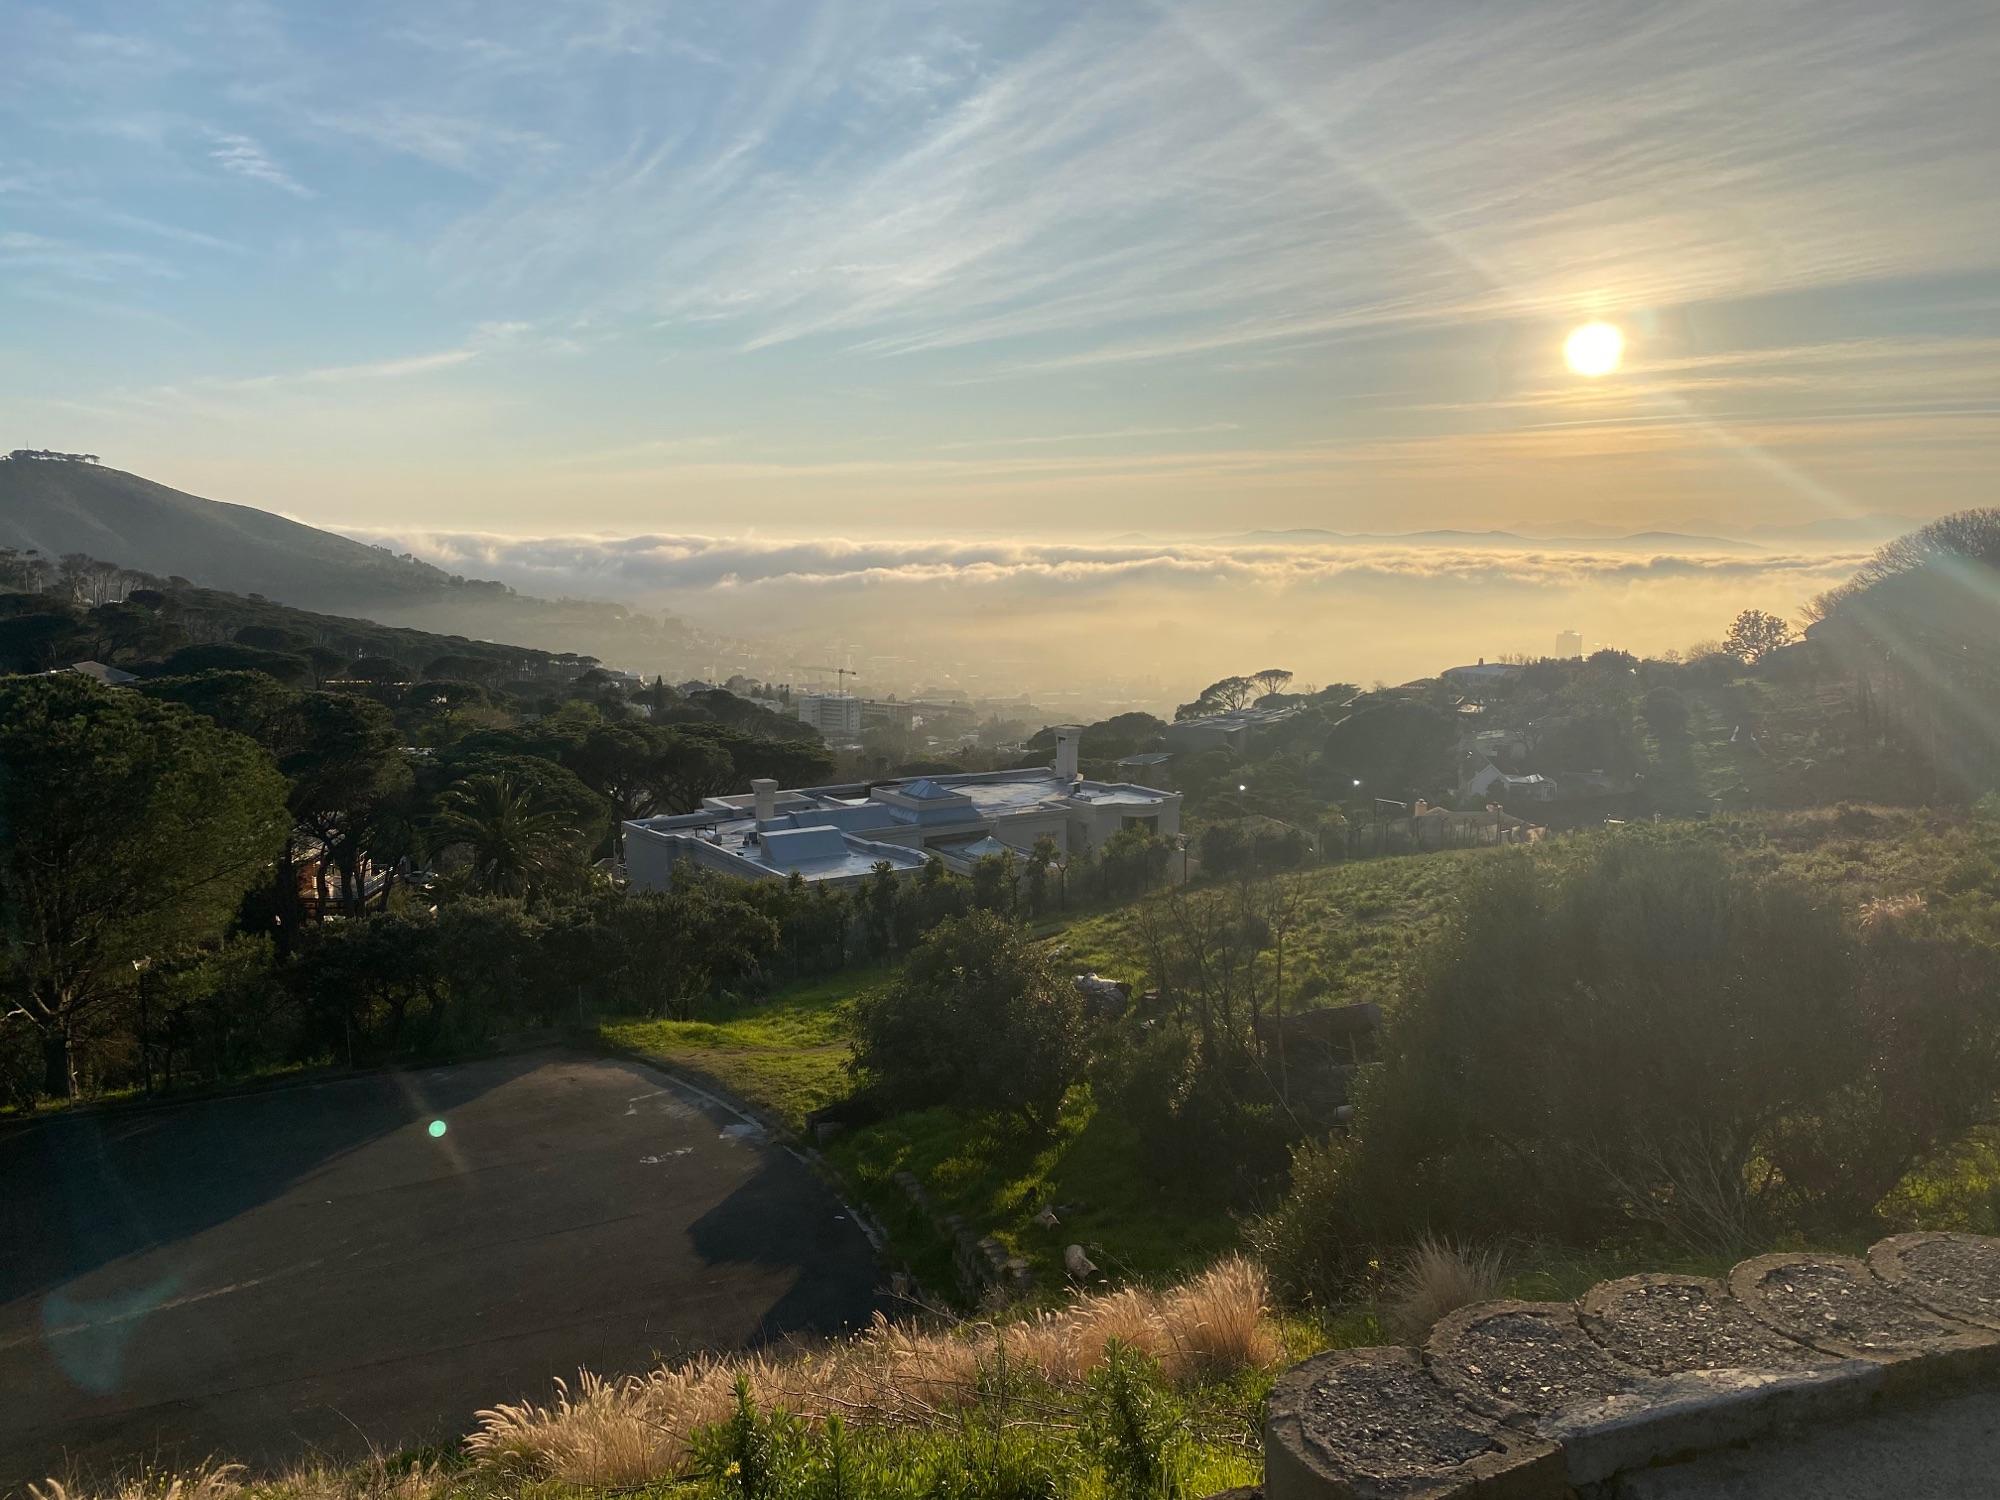 """Второй день центр Кейптауна залит необычно устойчивым плотным туманом. Вспомнился """"The Mist"""" Кинга"""